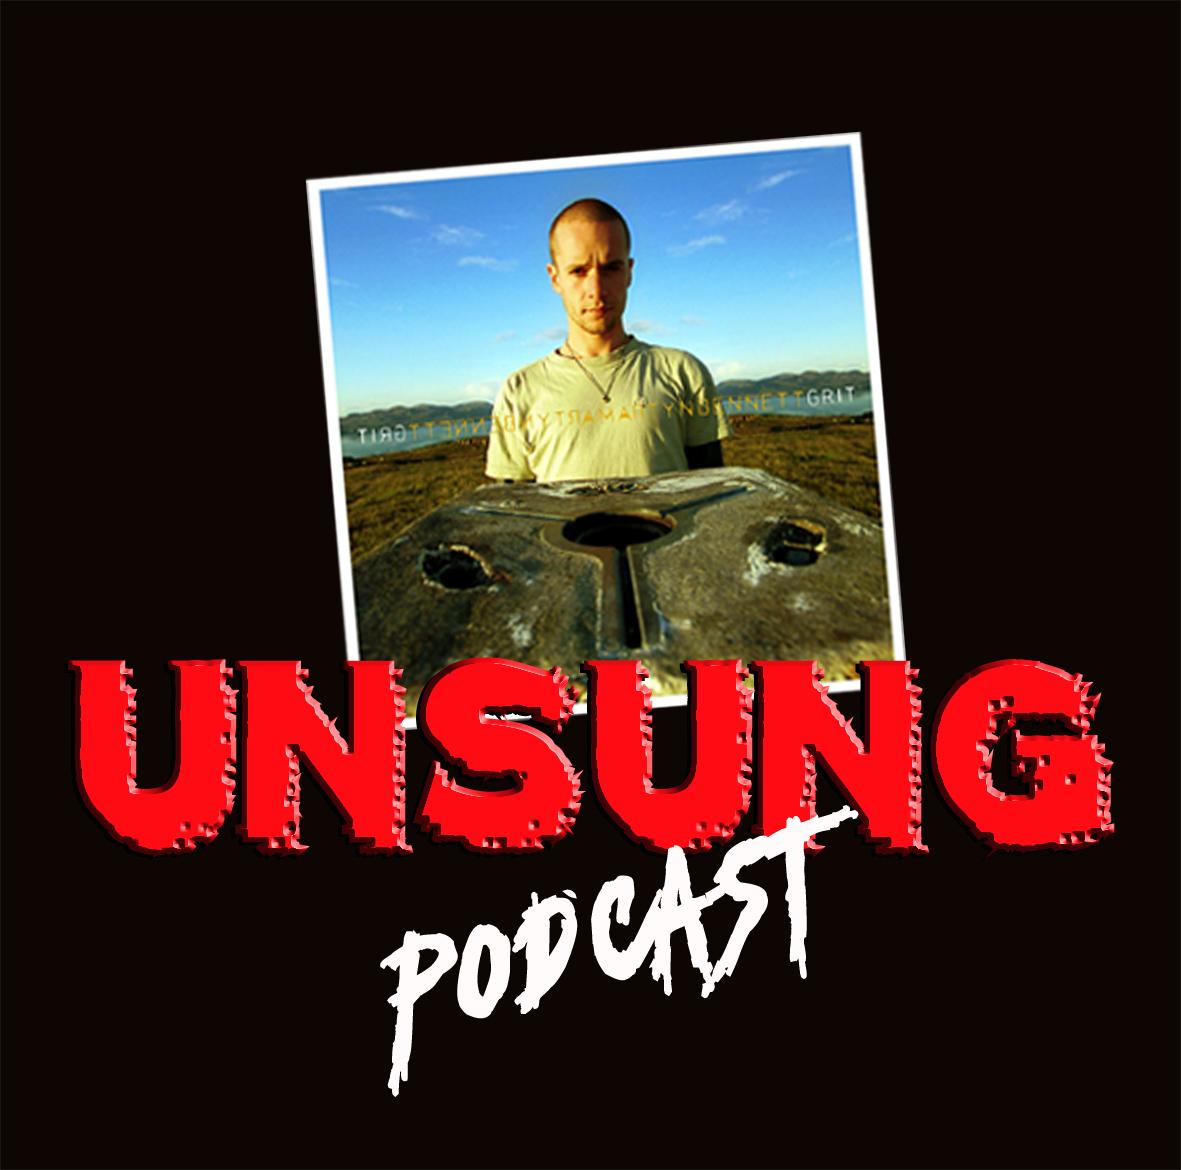 Bennett UNSUNG fb avatar.jpg